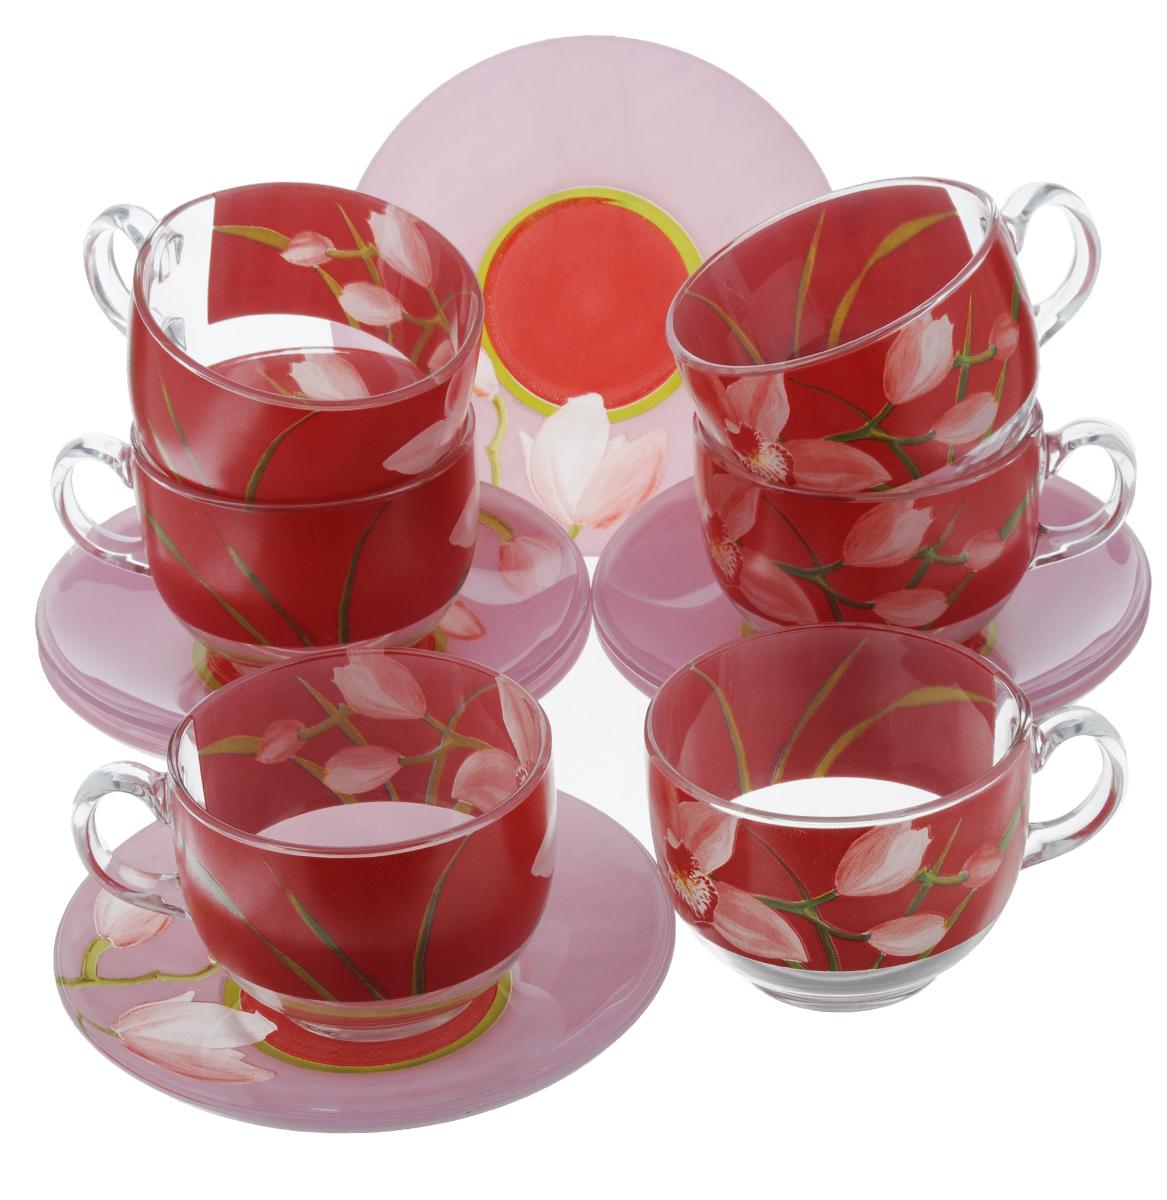 Набор чайный Luminarc Red Orchis, 12 предметовG0670Чайный набор Luminarc Red Orchis состоит из 6 чашек и 6 блюдец. Изделия, выполненные из высококачественного ударопрочного стекла, имеют элегантный дизайн с красивым цветочным рисунком. Посуда отличается прочностью, гигиеничностью и долгим сроком службы, она устойчива к появлению царапин и резким перепадам температур. Такой набор прекрасно подойдет как для повседневного использования, так и для праздников. Чайный набор Luminarc Red Orchis - это не только яркий и полезный подарок для родных и близких, но также великолепное дизайнерское решение для вашей кухни или столовой. Объем чашки: 220 мл. Диаметр чашки (по верхнему краю): 8,2 см. Высота чашки: 6,5 см. Диаметр блюдца (по верхнему краю): 14 см. Высота блюдца: 2 см.